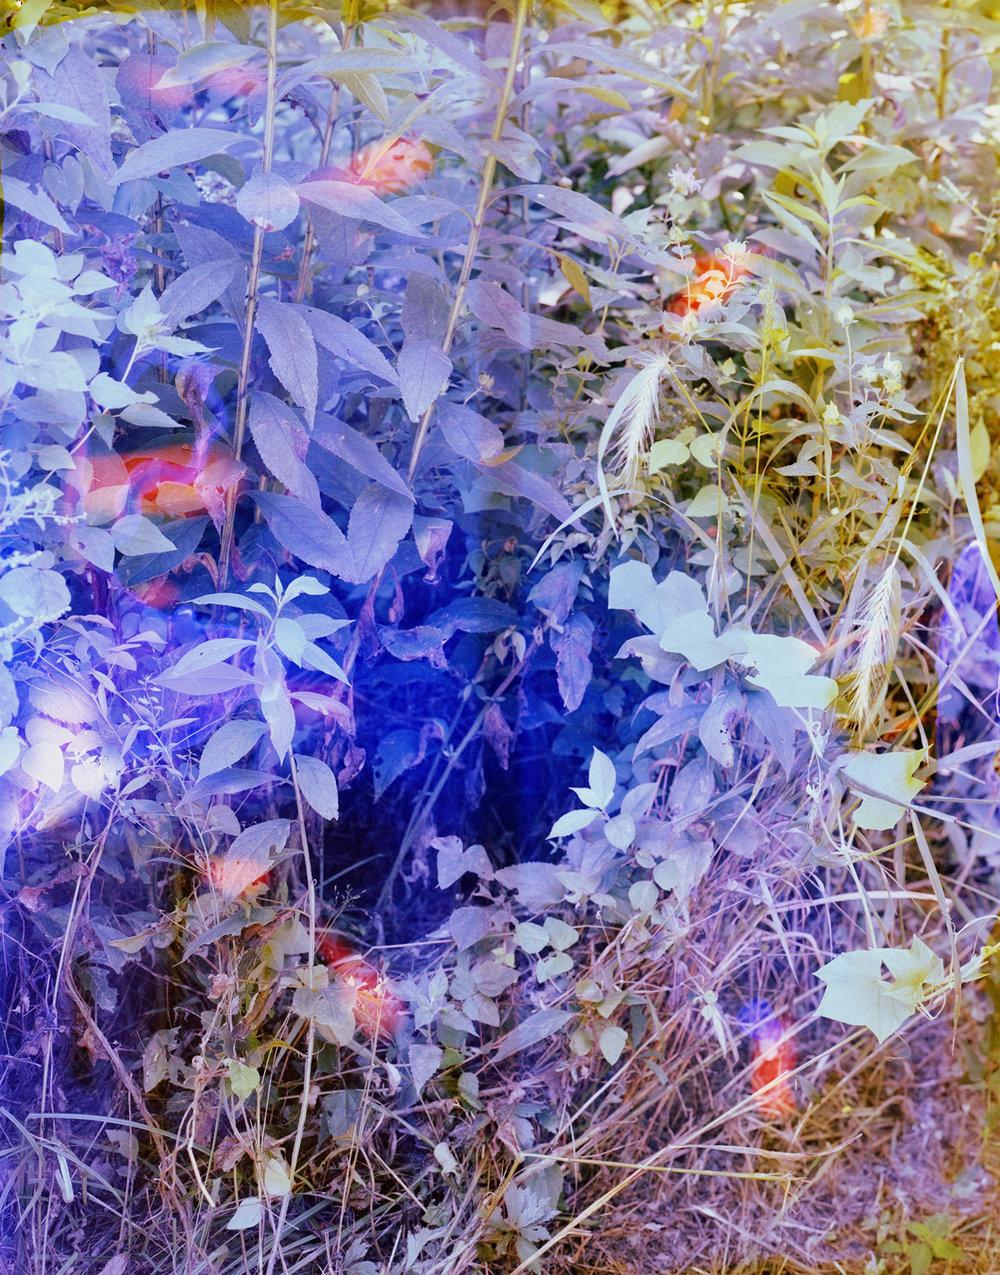 Reenactment 231 (Blue), 40 x 32 in, 2016